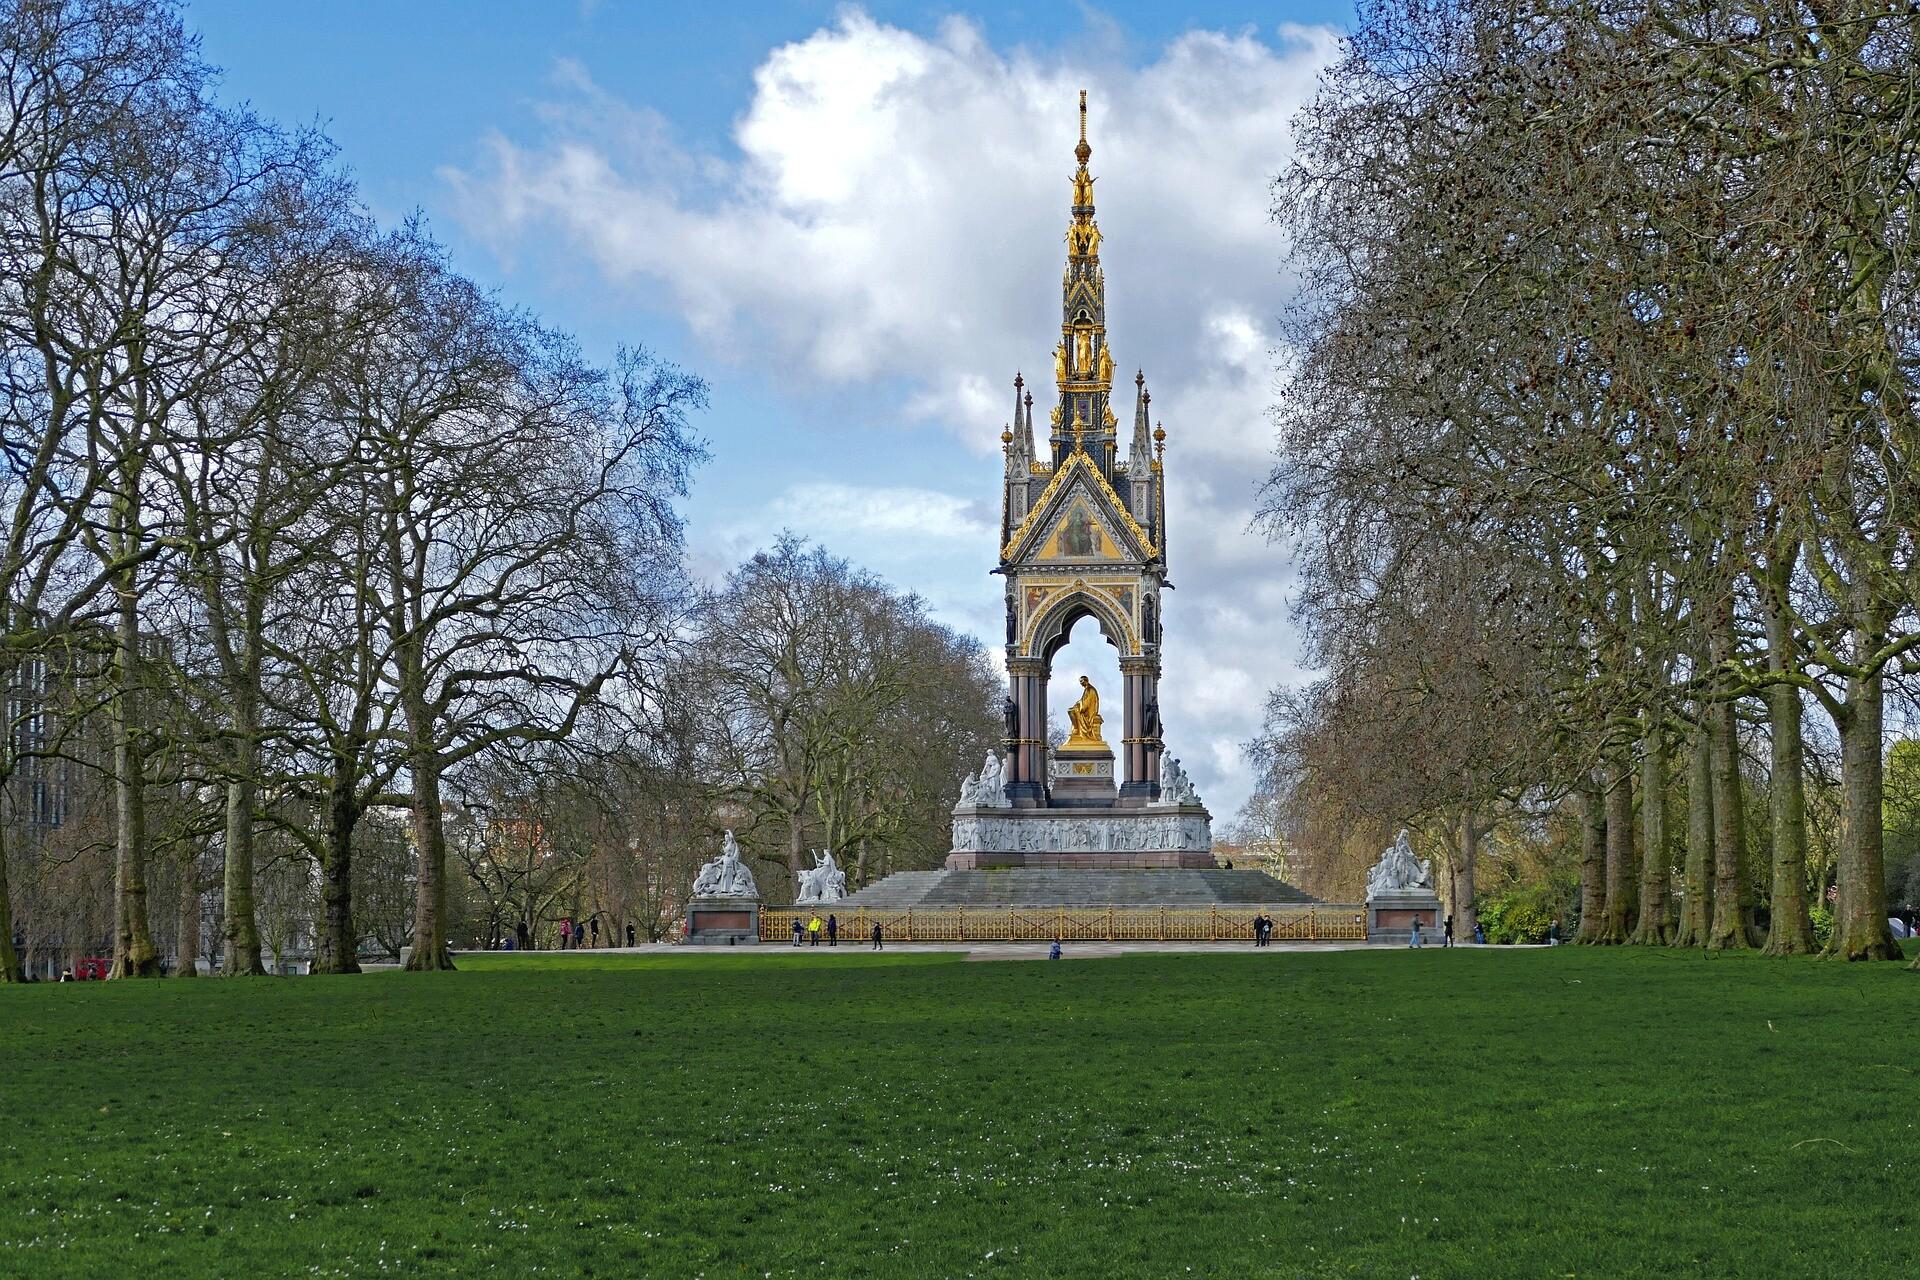 Londres en 3 días - Qué ver en Londres en 3 días